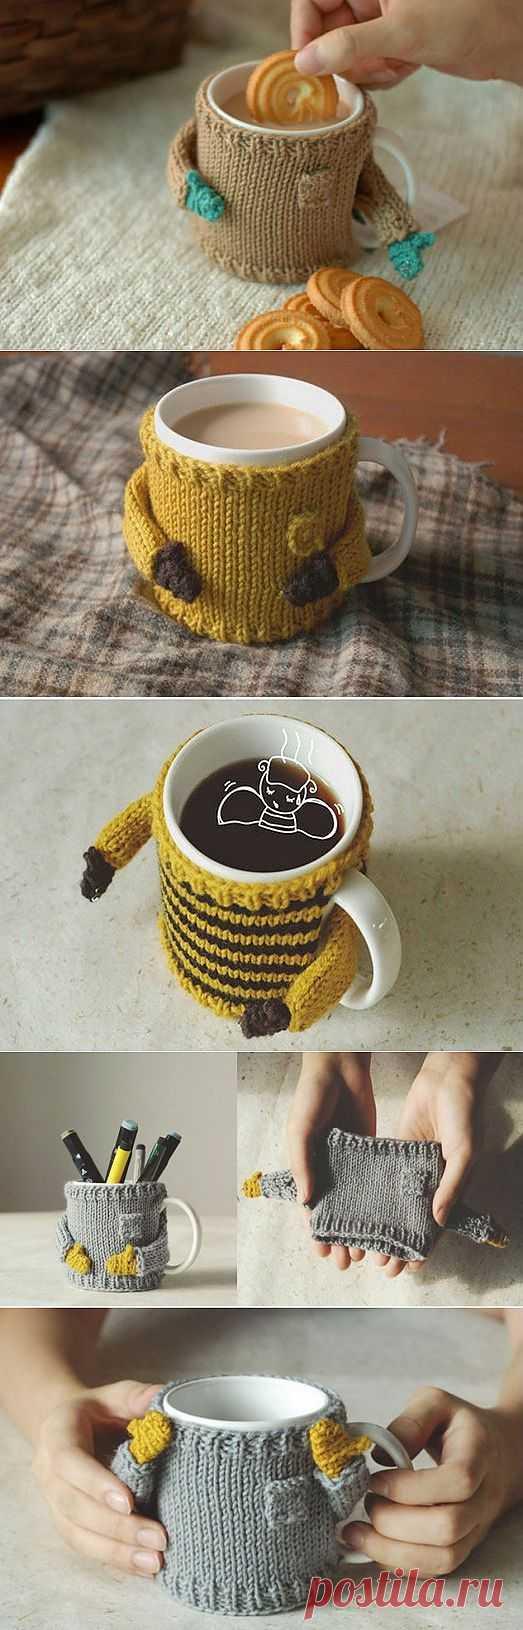 (+1) - Мода для посуды или Уютный свитерок для кружки   Хвастуны и хвастушки